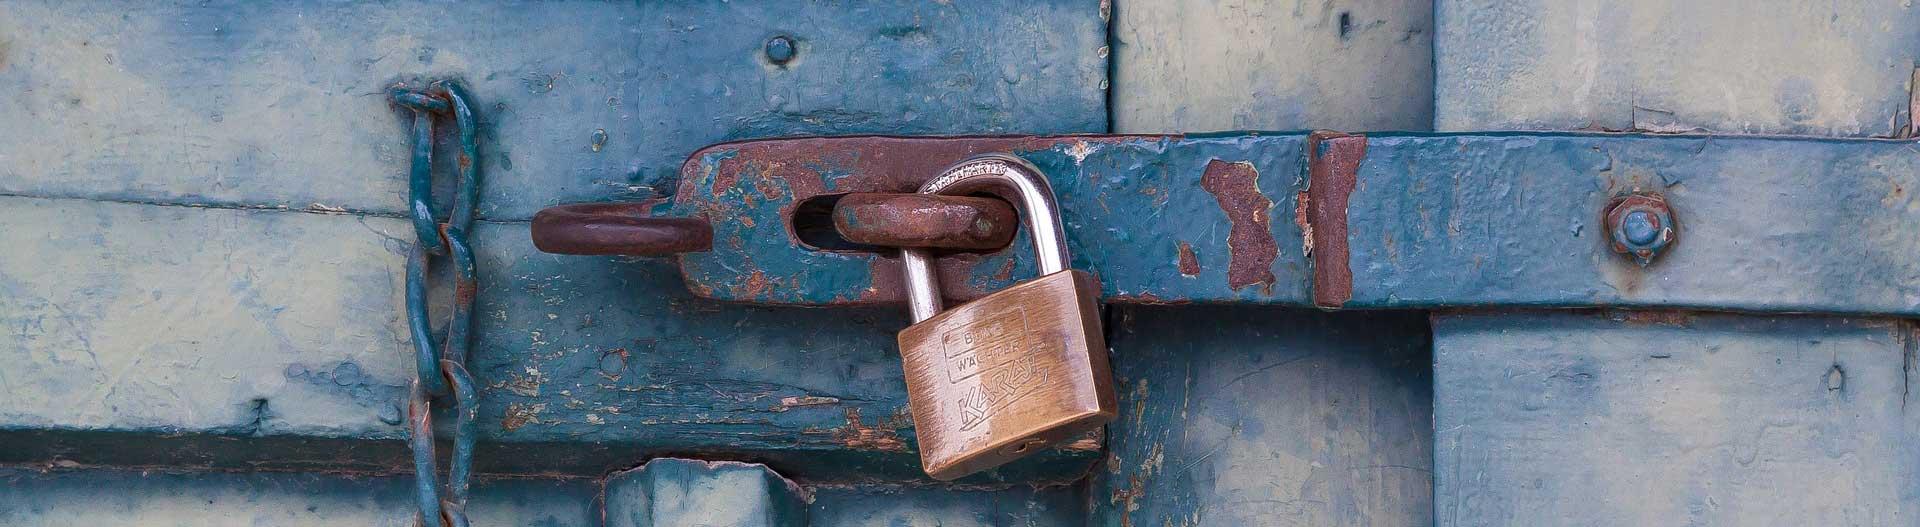 Comment envoyer un mot de passe en toute sécurité?